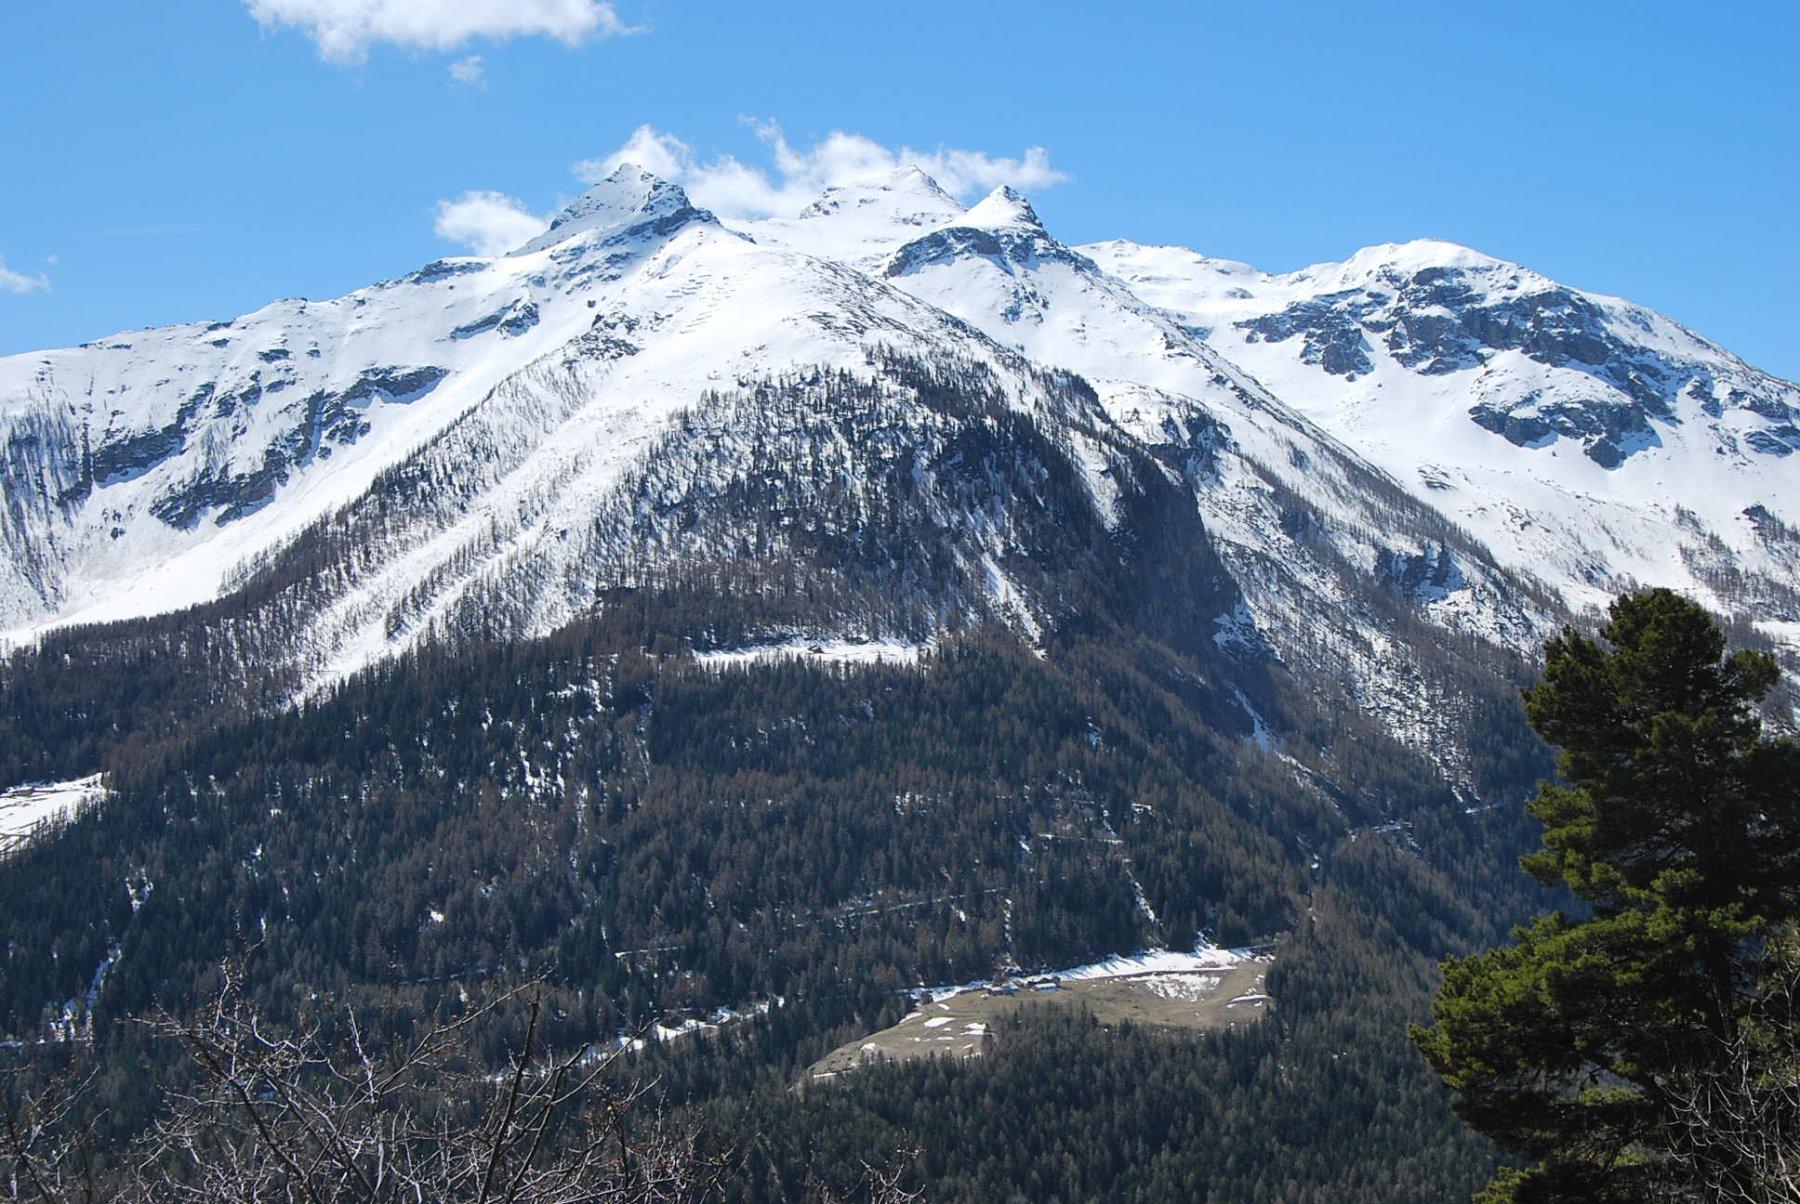 Visti dalla vetta: gli alpeggi del Pileo (in basso) con (da snx a dx): Becca del Merlo, Gran Revers, Becca di Tos e Becca di Verconey